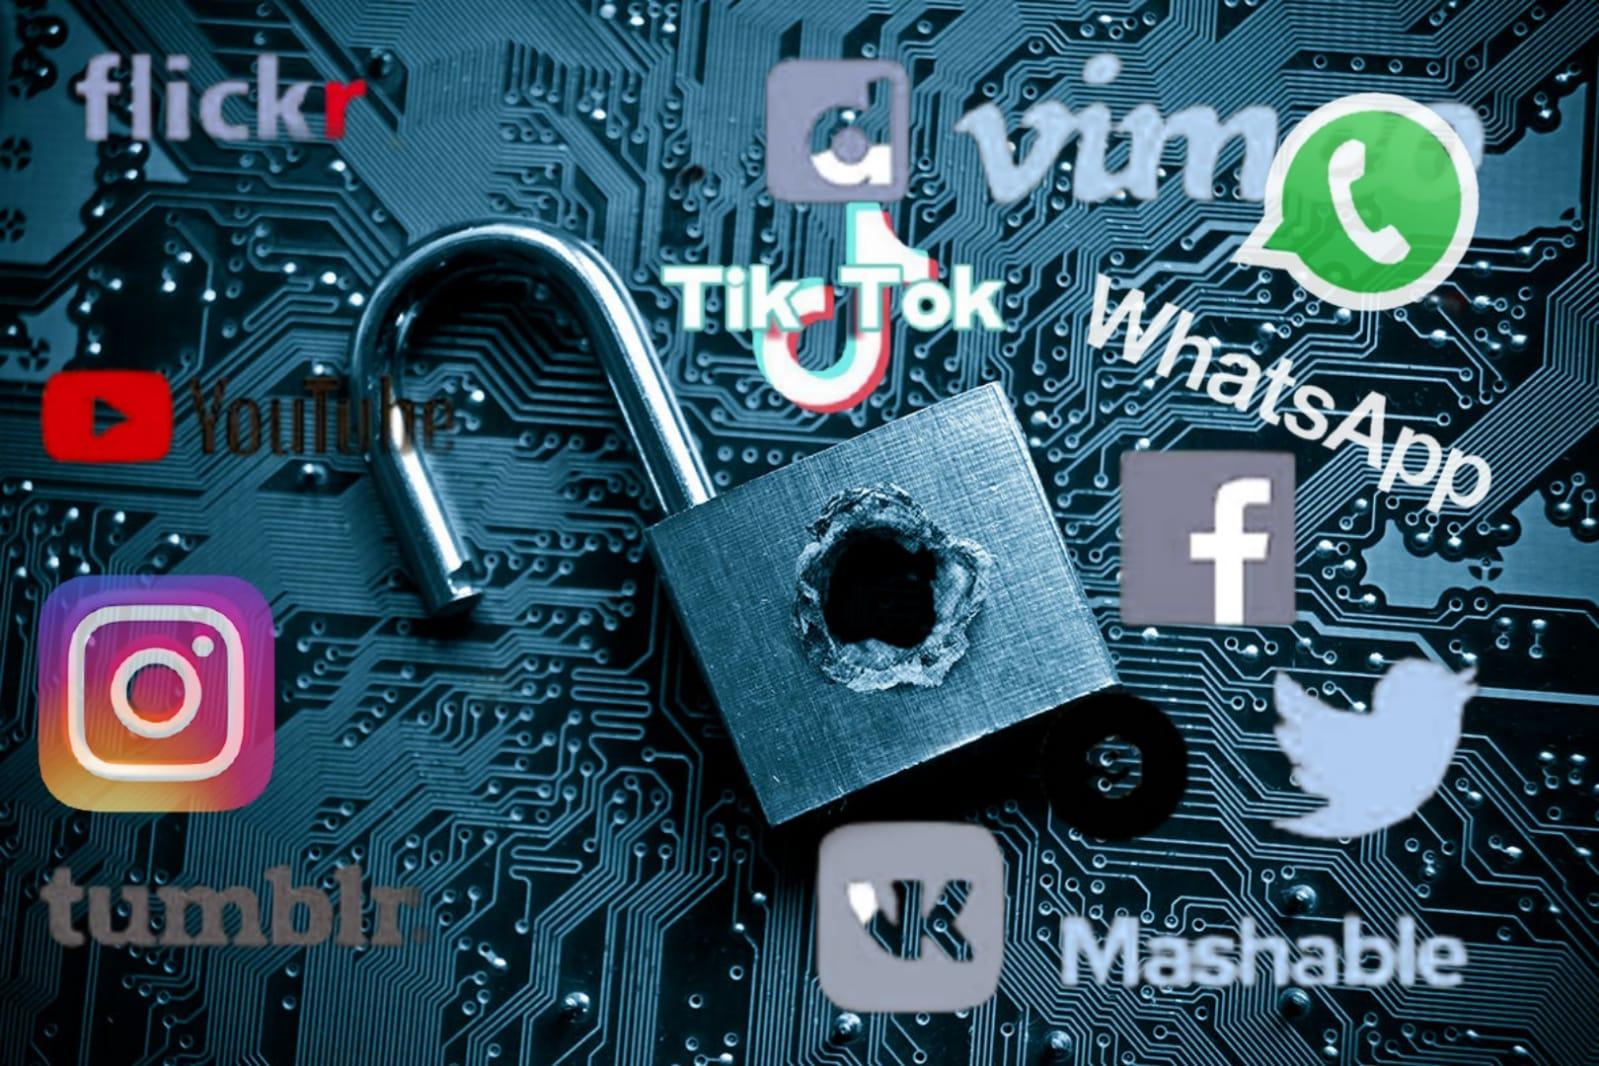 İnternet ağları mahrem bilgi deposuna dönüştü: Facebook yüzde 70'le ilk sırada